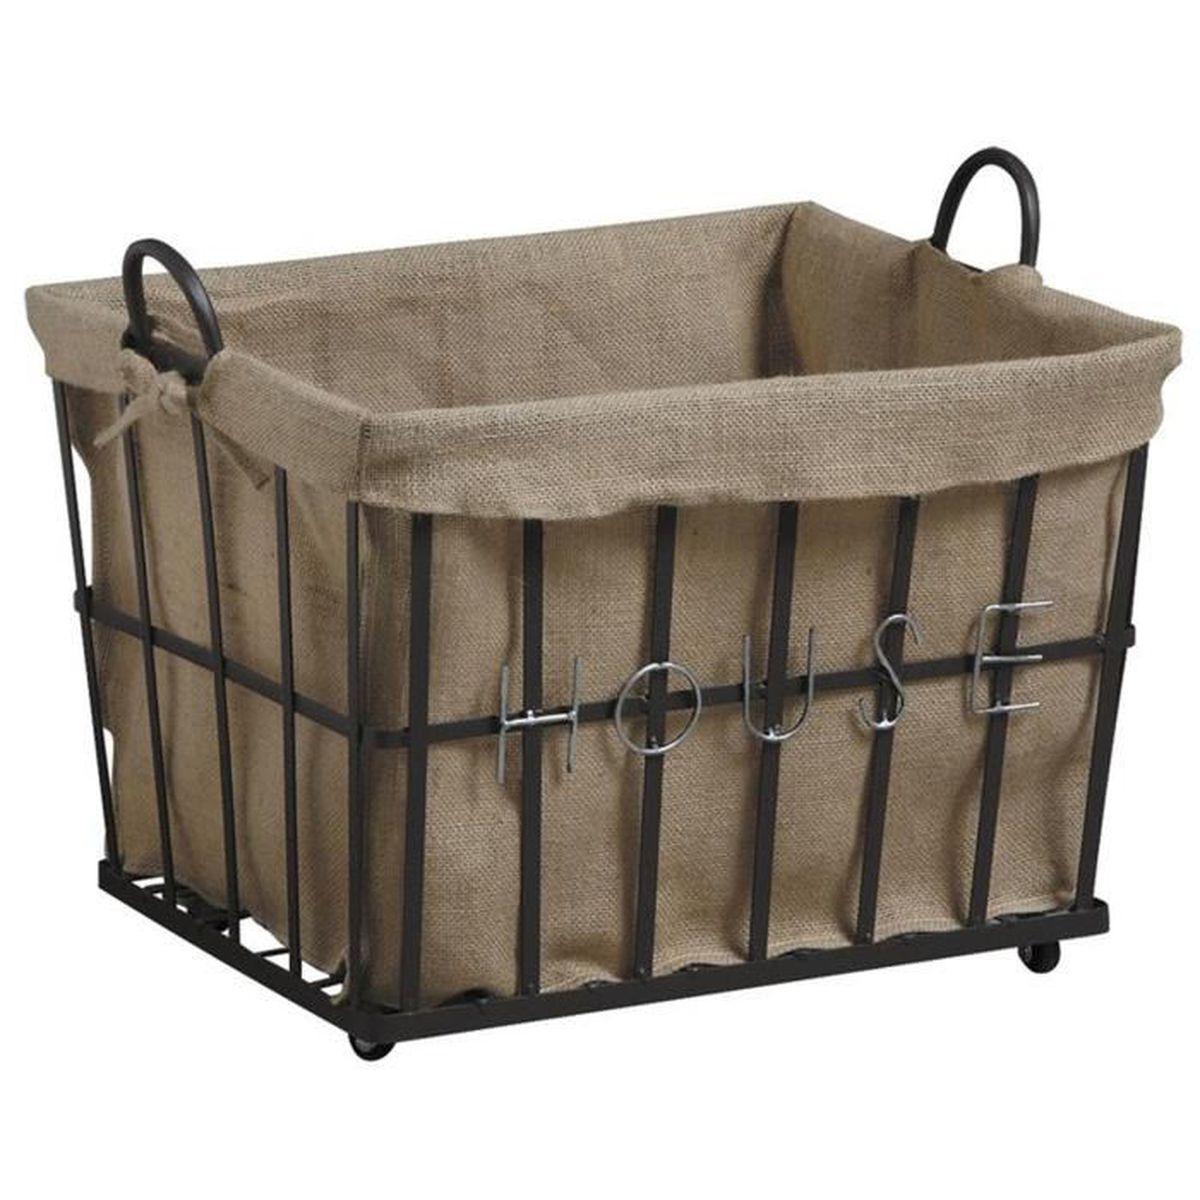 meuble rangement a roulette tiroir metal achat vente pas cher. Black Bedroom Furniture Sets. Home Design Ideas